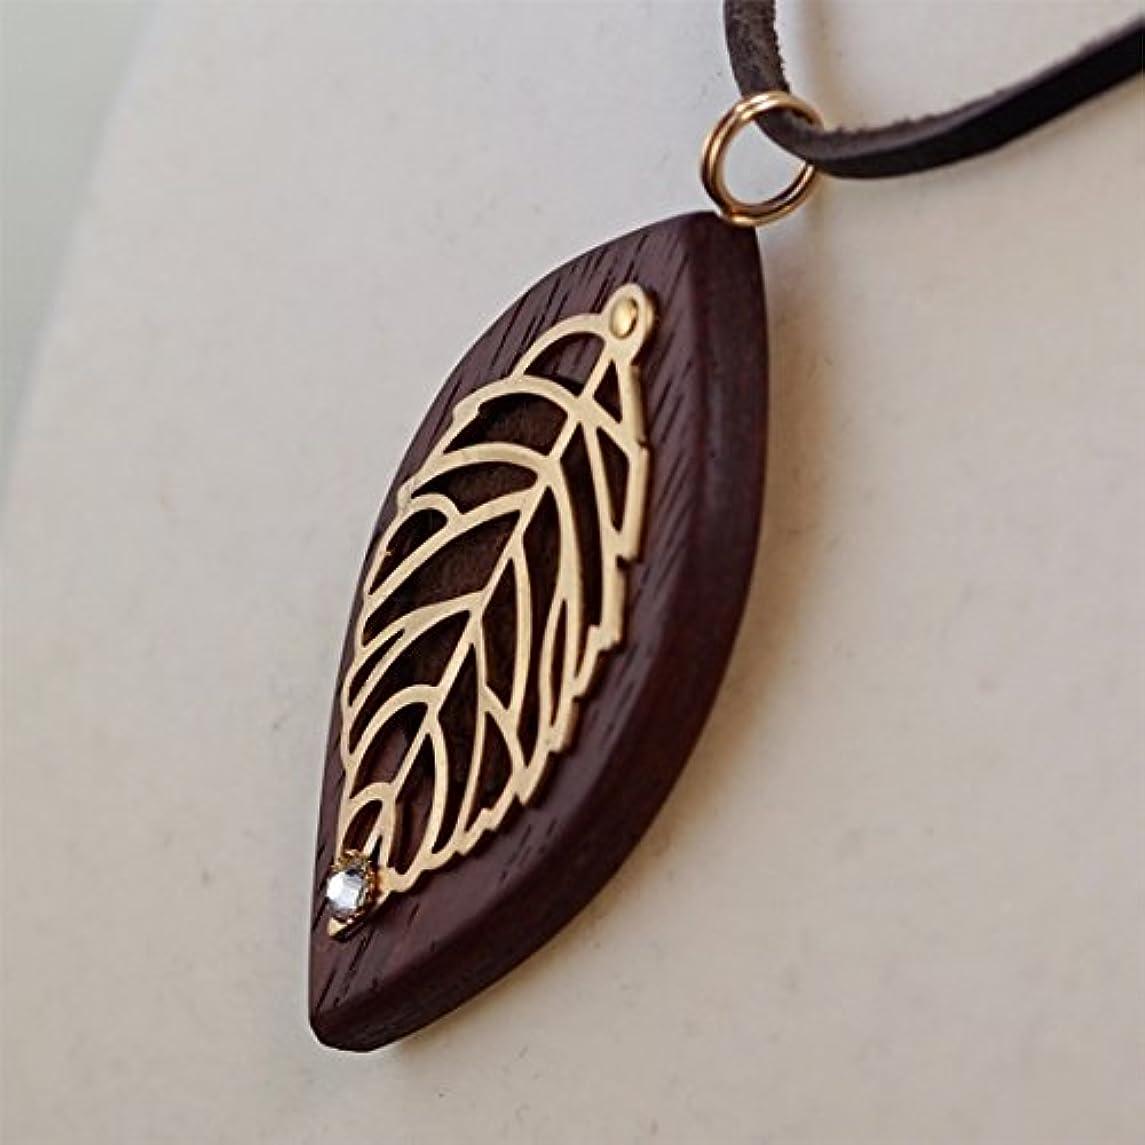 ロープボルトタンザニア木製オリジナルアロマペンダント 【天使の小瓶】 木の葉(ゴールド)